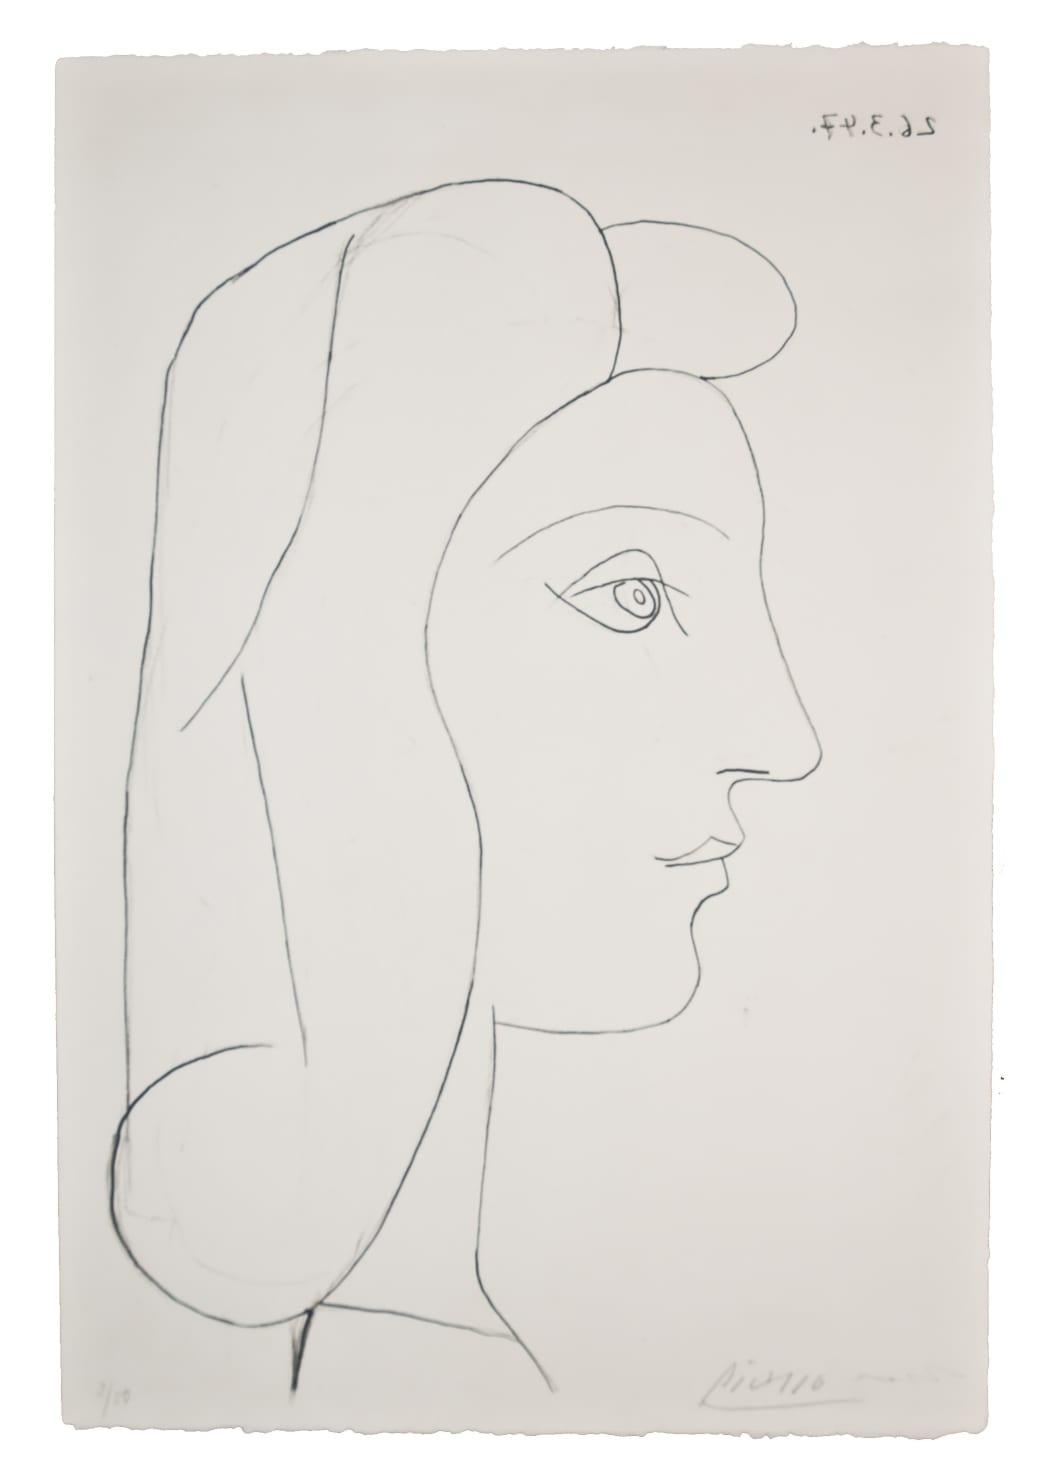 Profil de Femme (Bloch 436), 1947, lithograph, 22 1/8 x 15 inches